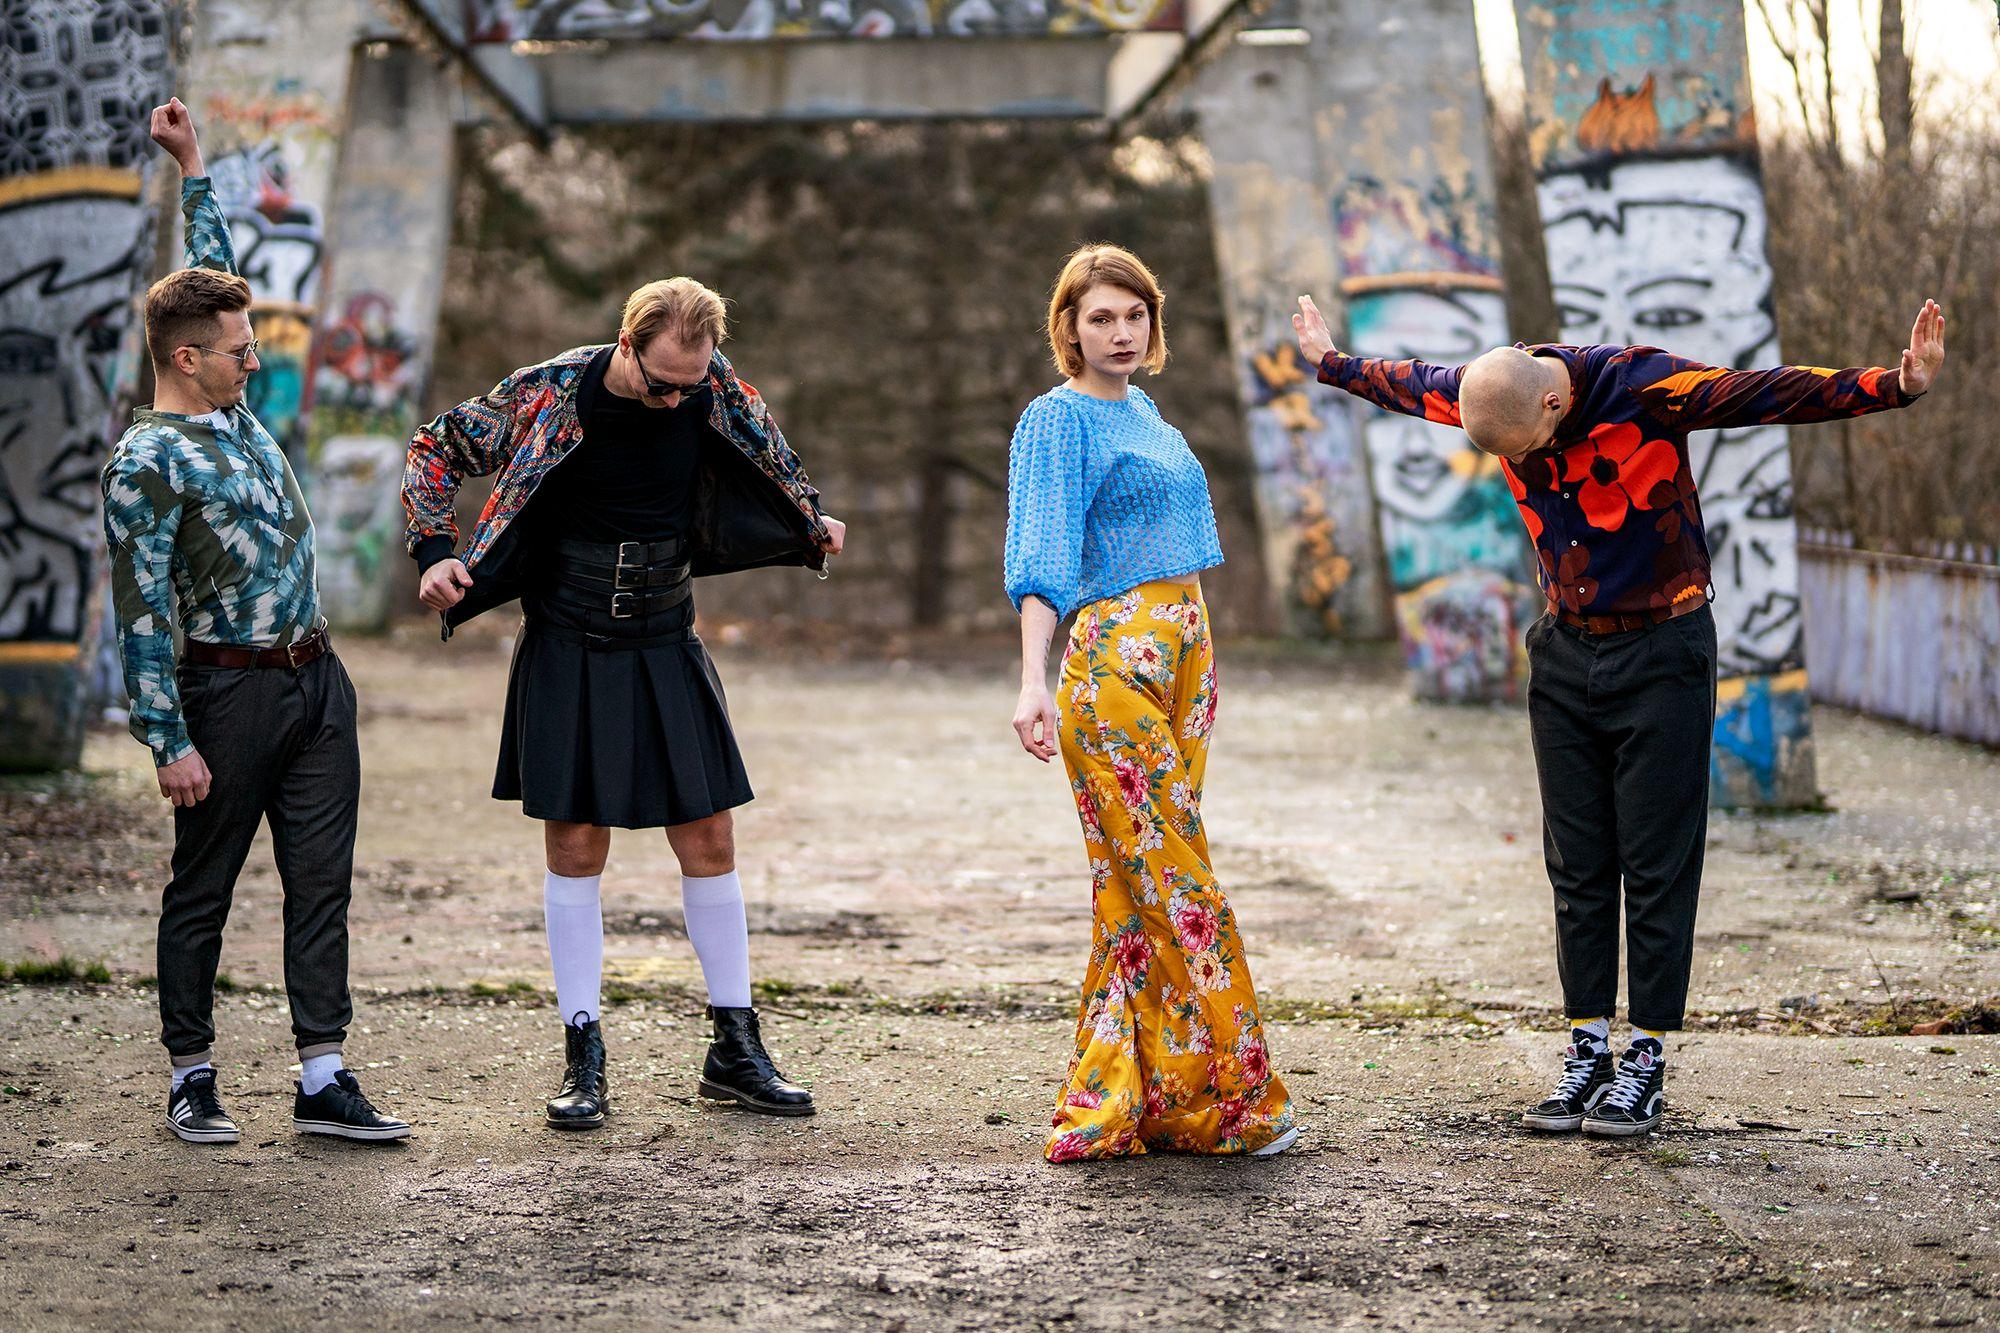 Warszawski Krůk przedstawia zew  cyfrowa premiera albumu Nibykwiaty 27 marca